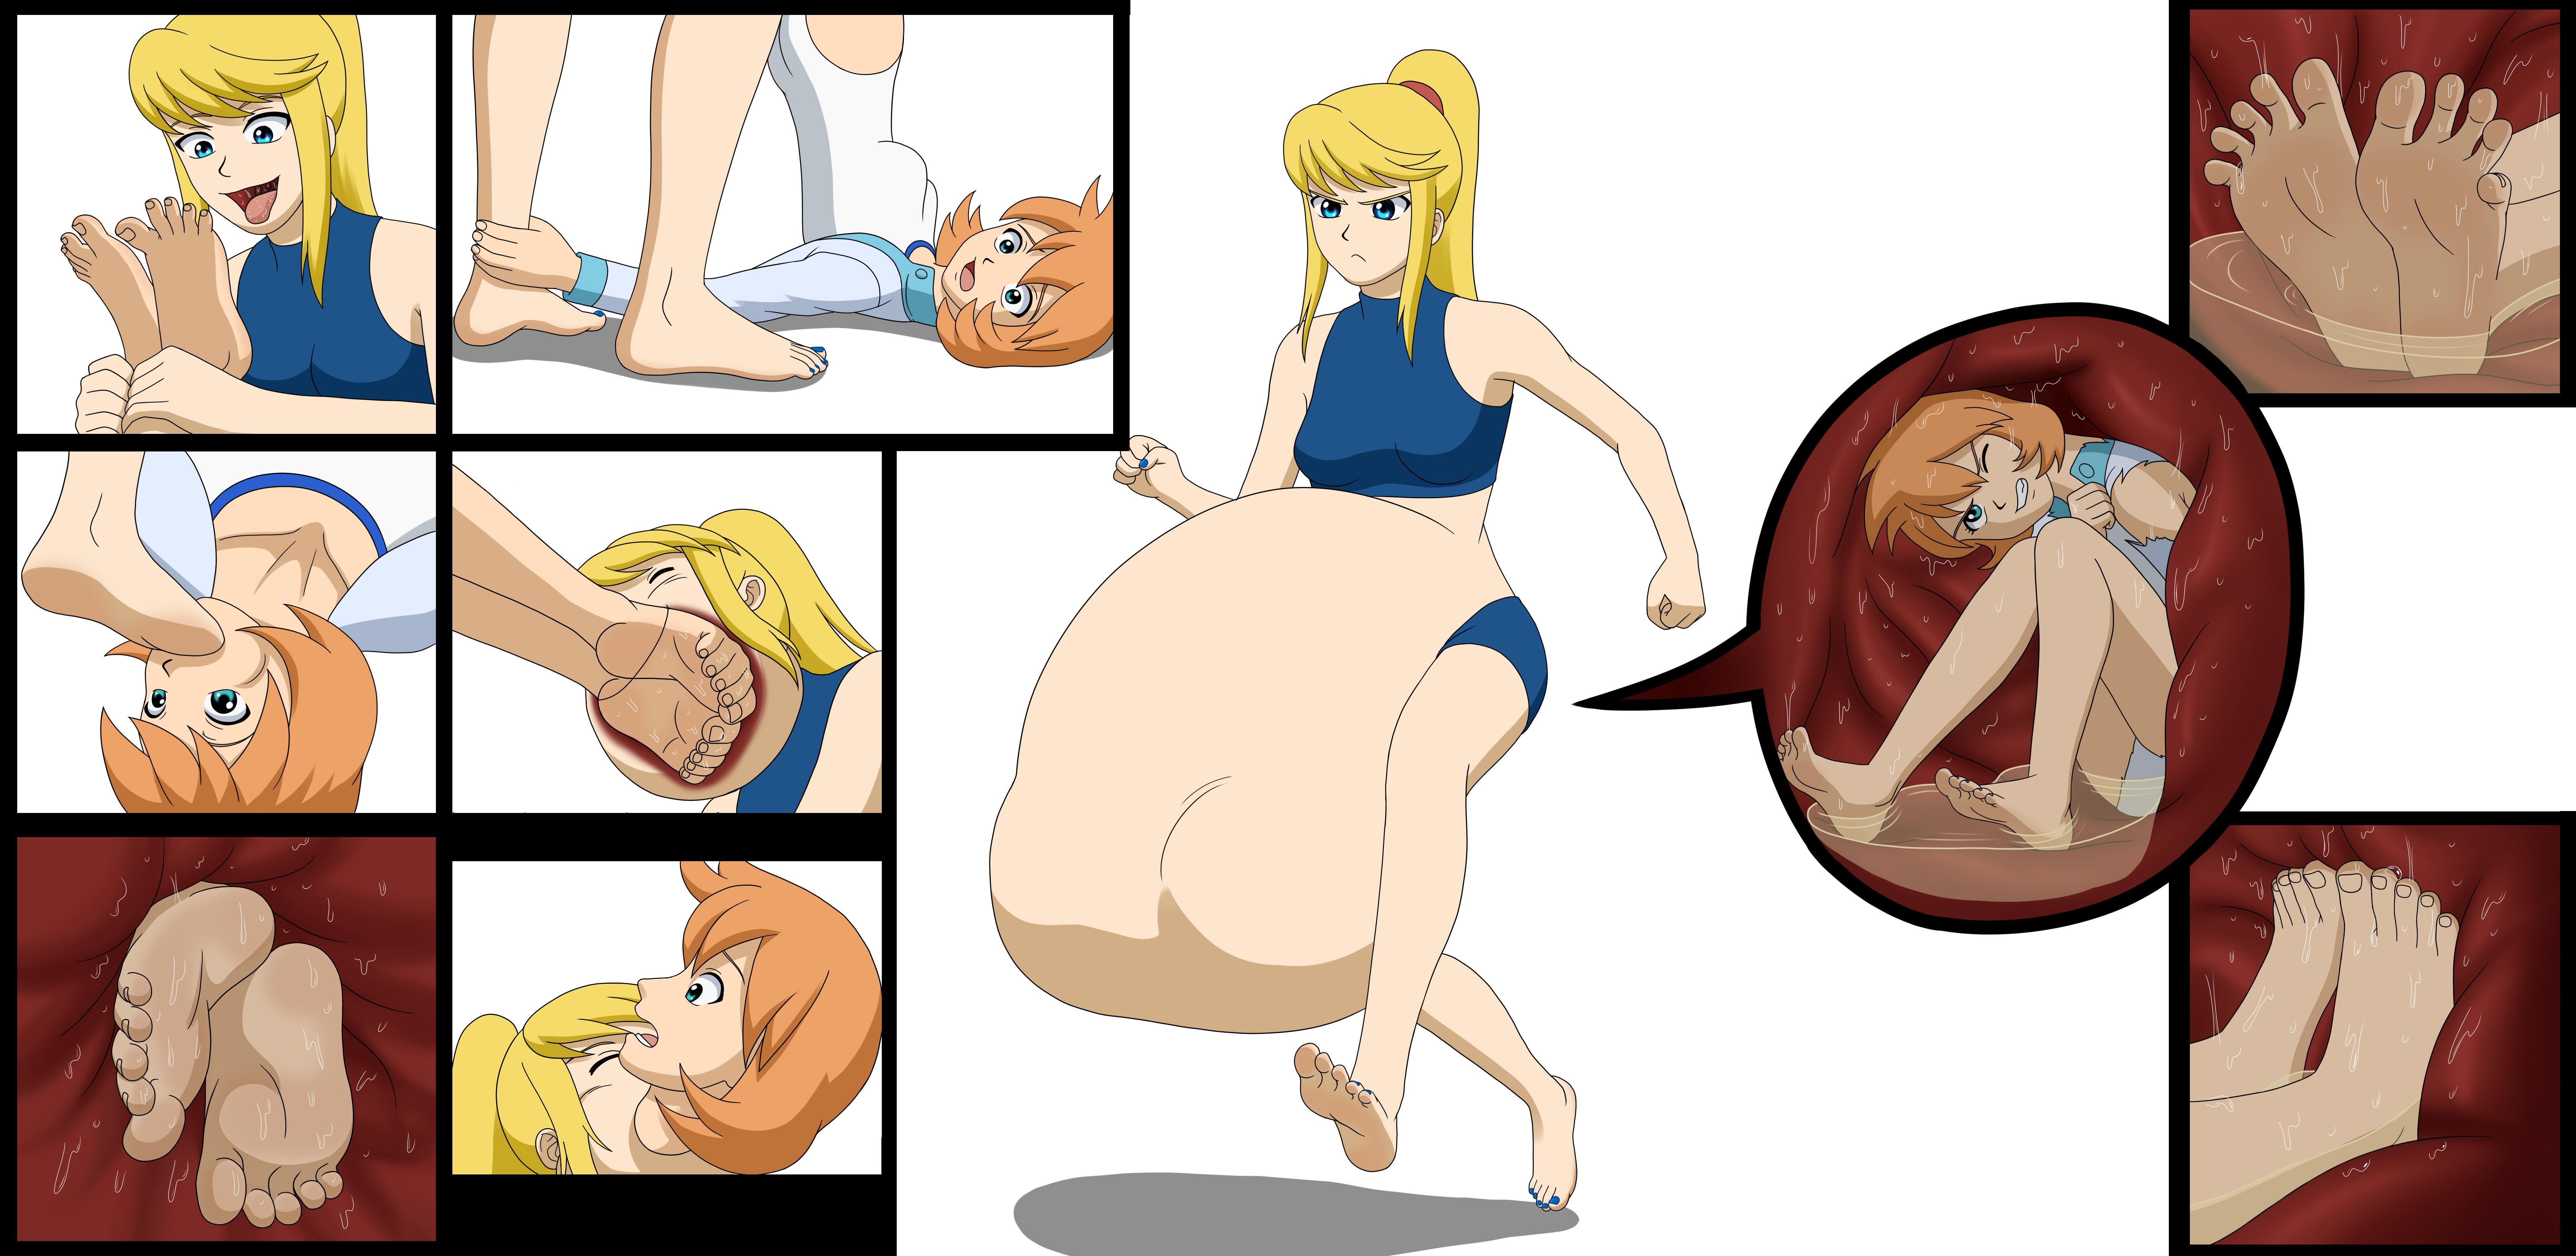 anime pornography